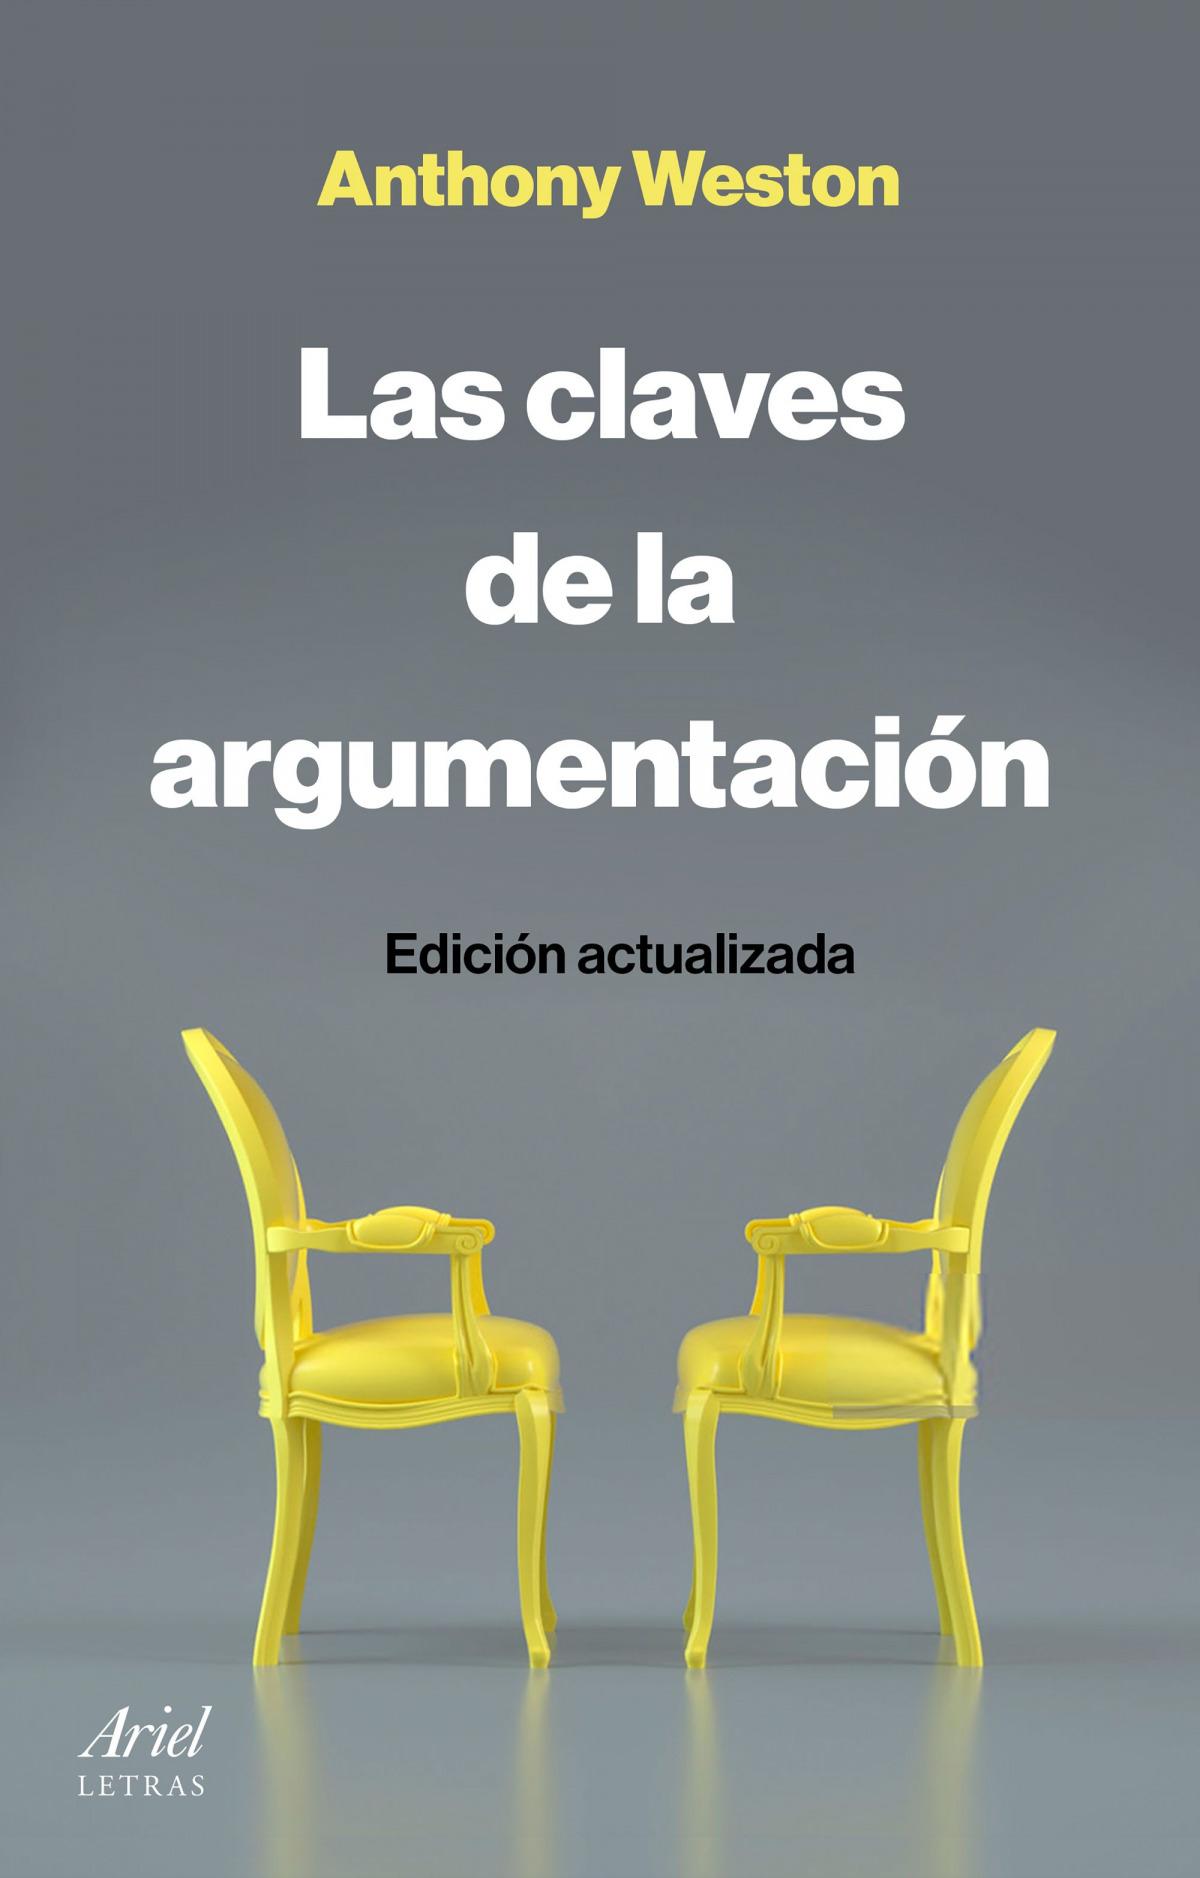 Las claves de la argumentación